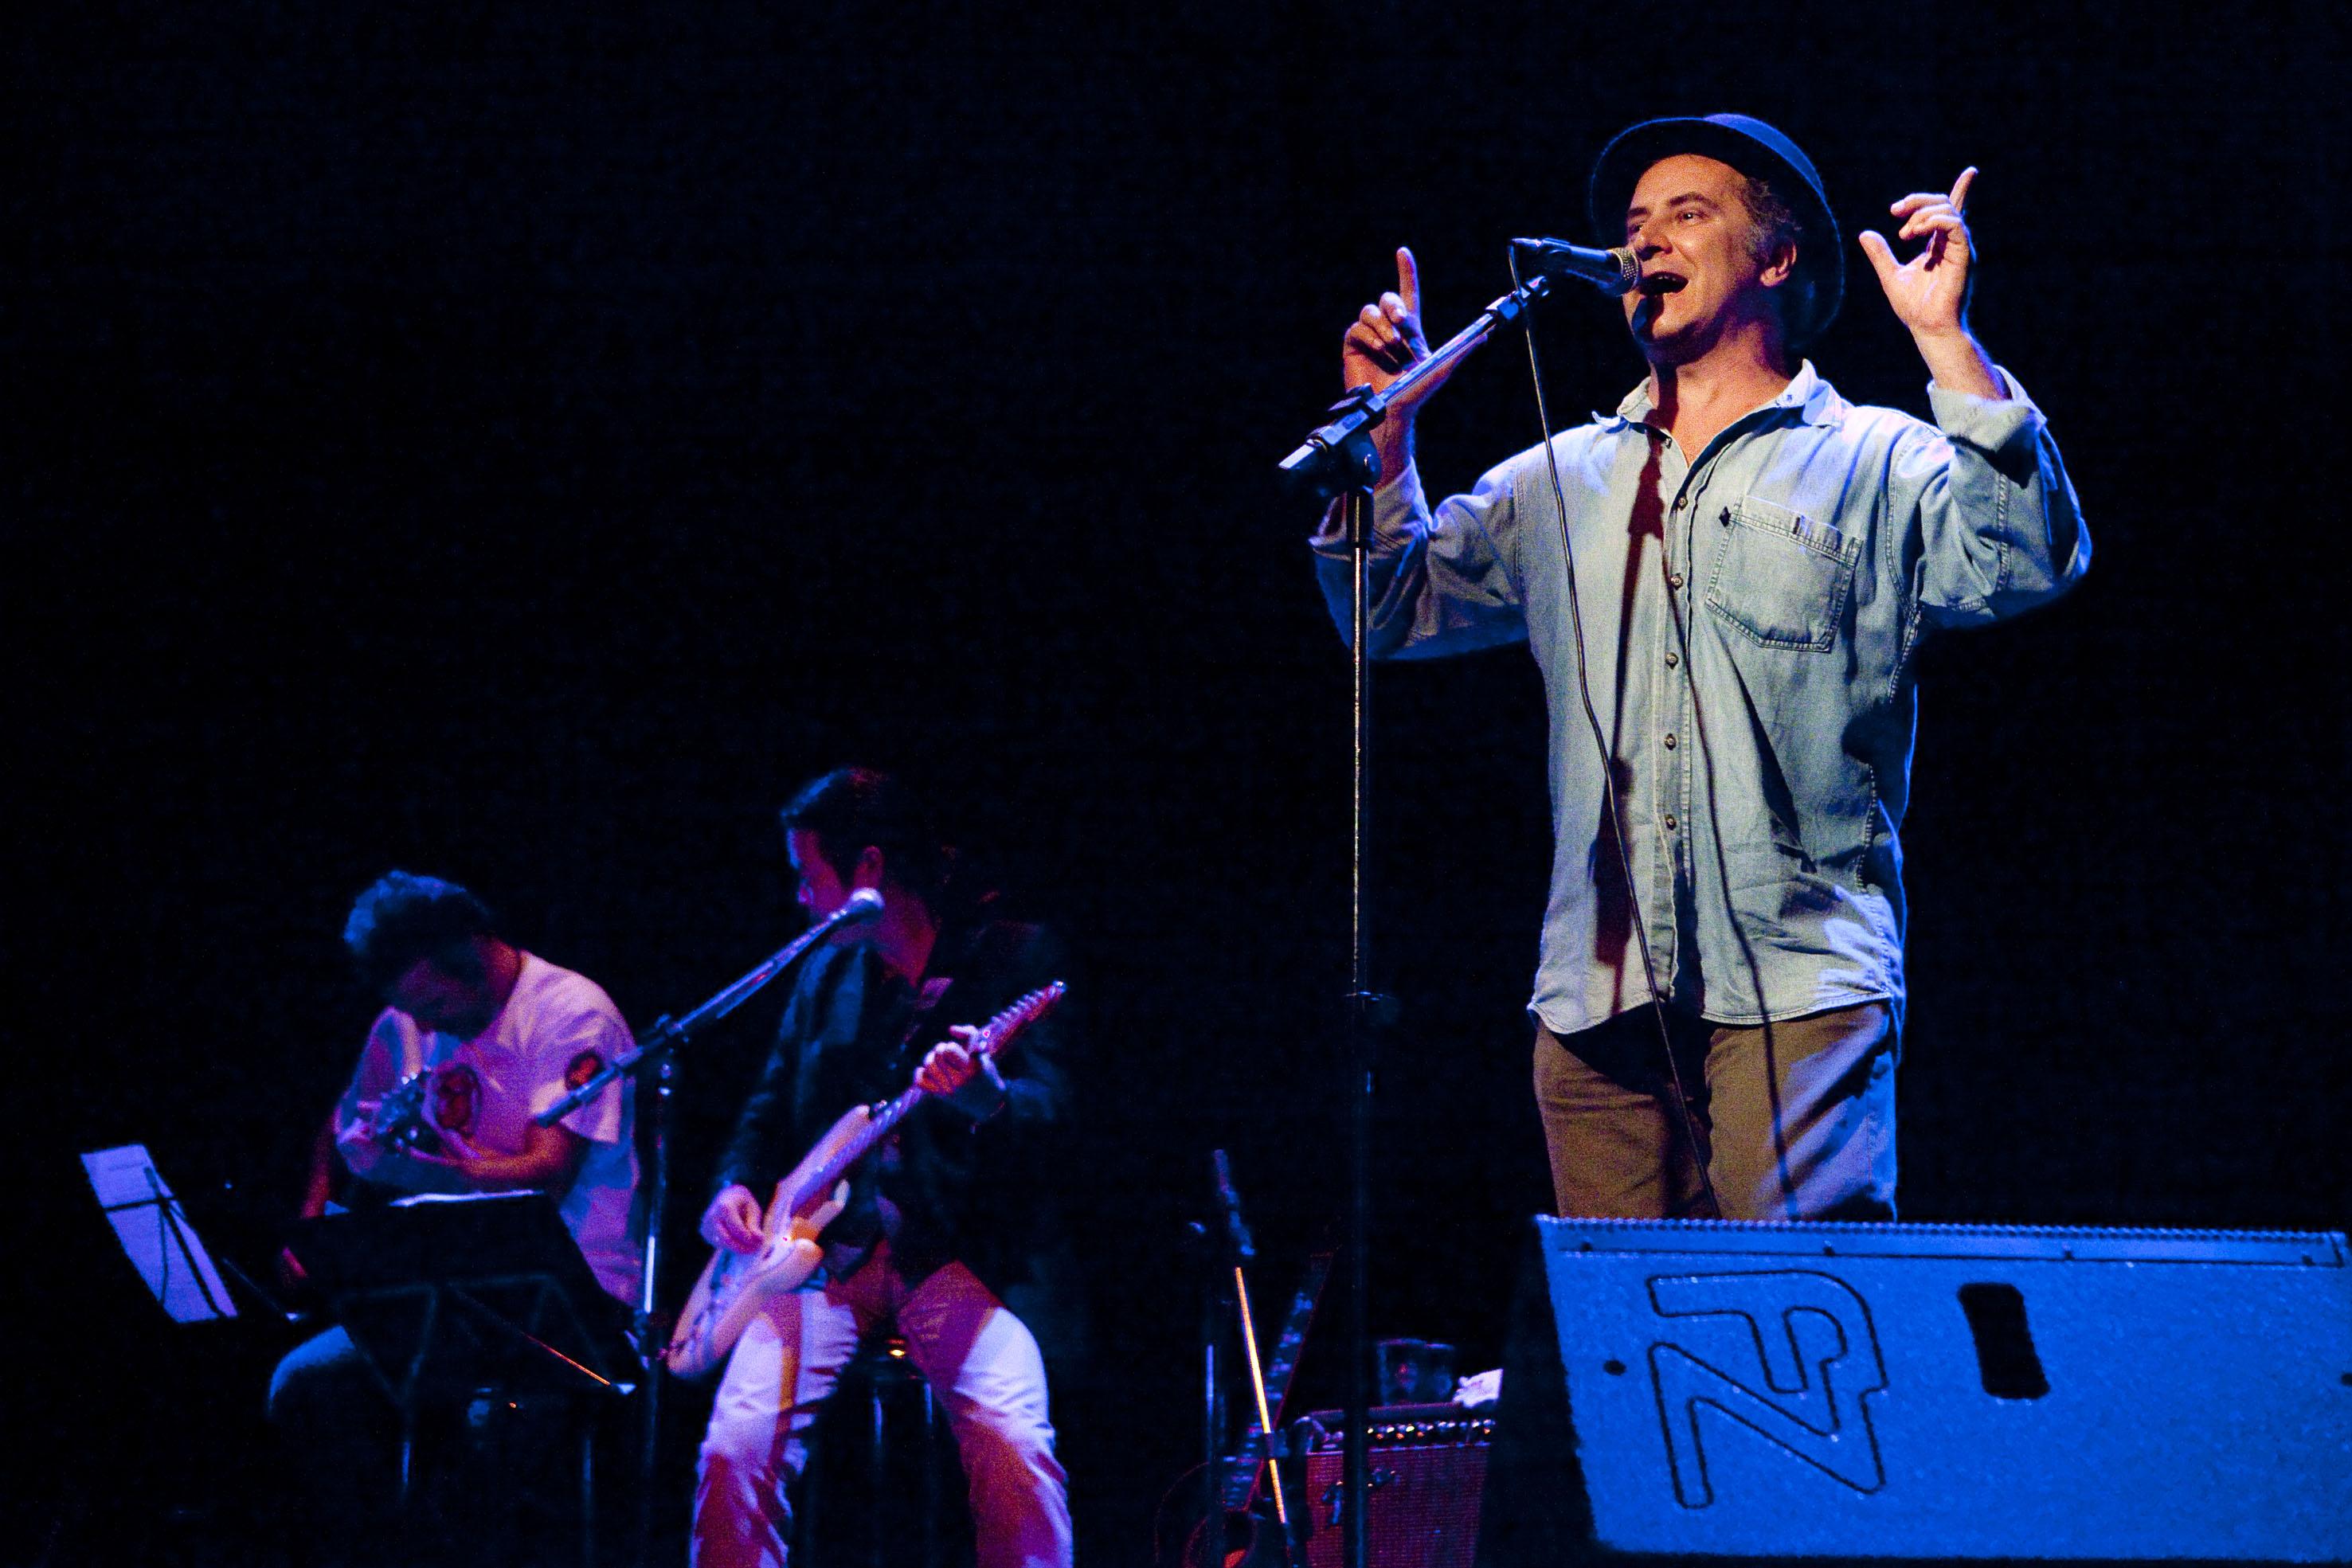 Espetáculo Pessoas Físicas, Sesc Vila Mariana, com os músicos Fabio Brum e Marcelo Watanabe, São Paulo (2010). Foto Edson Kumasaka